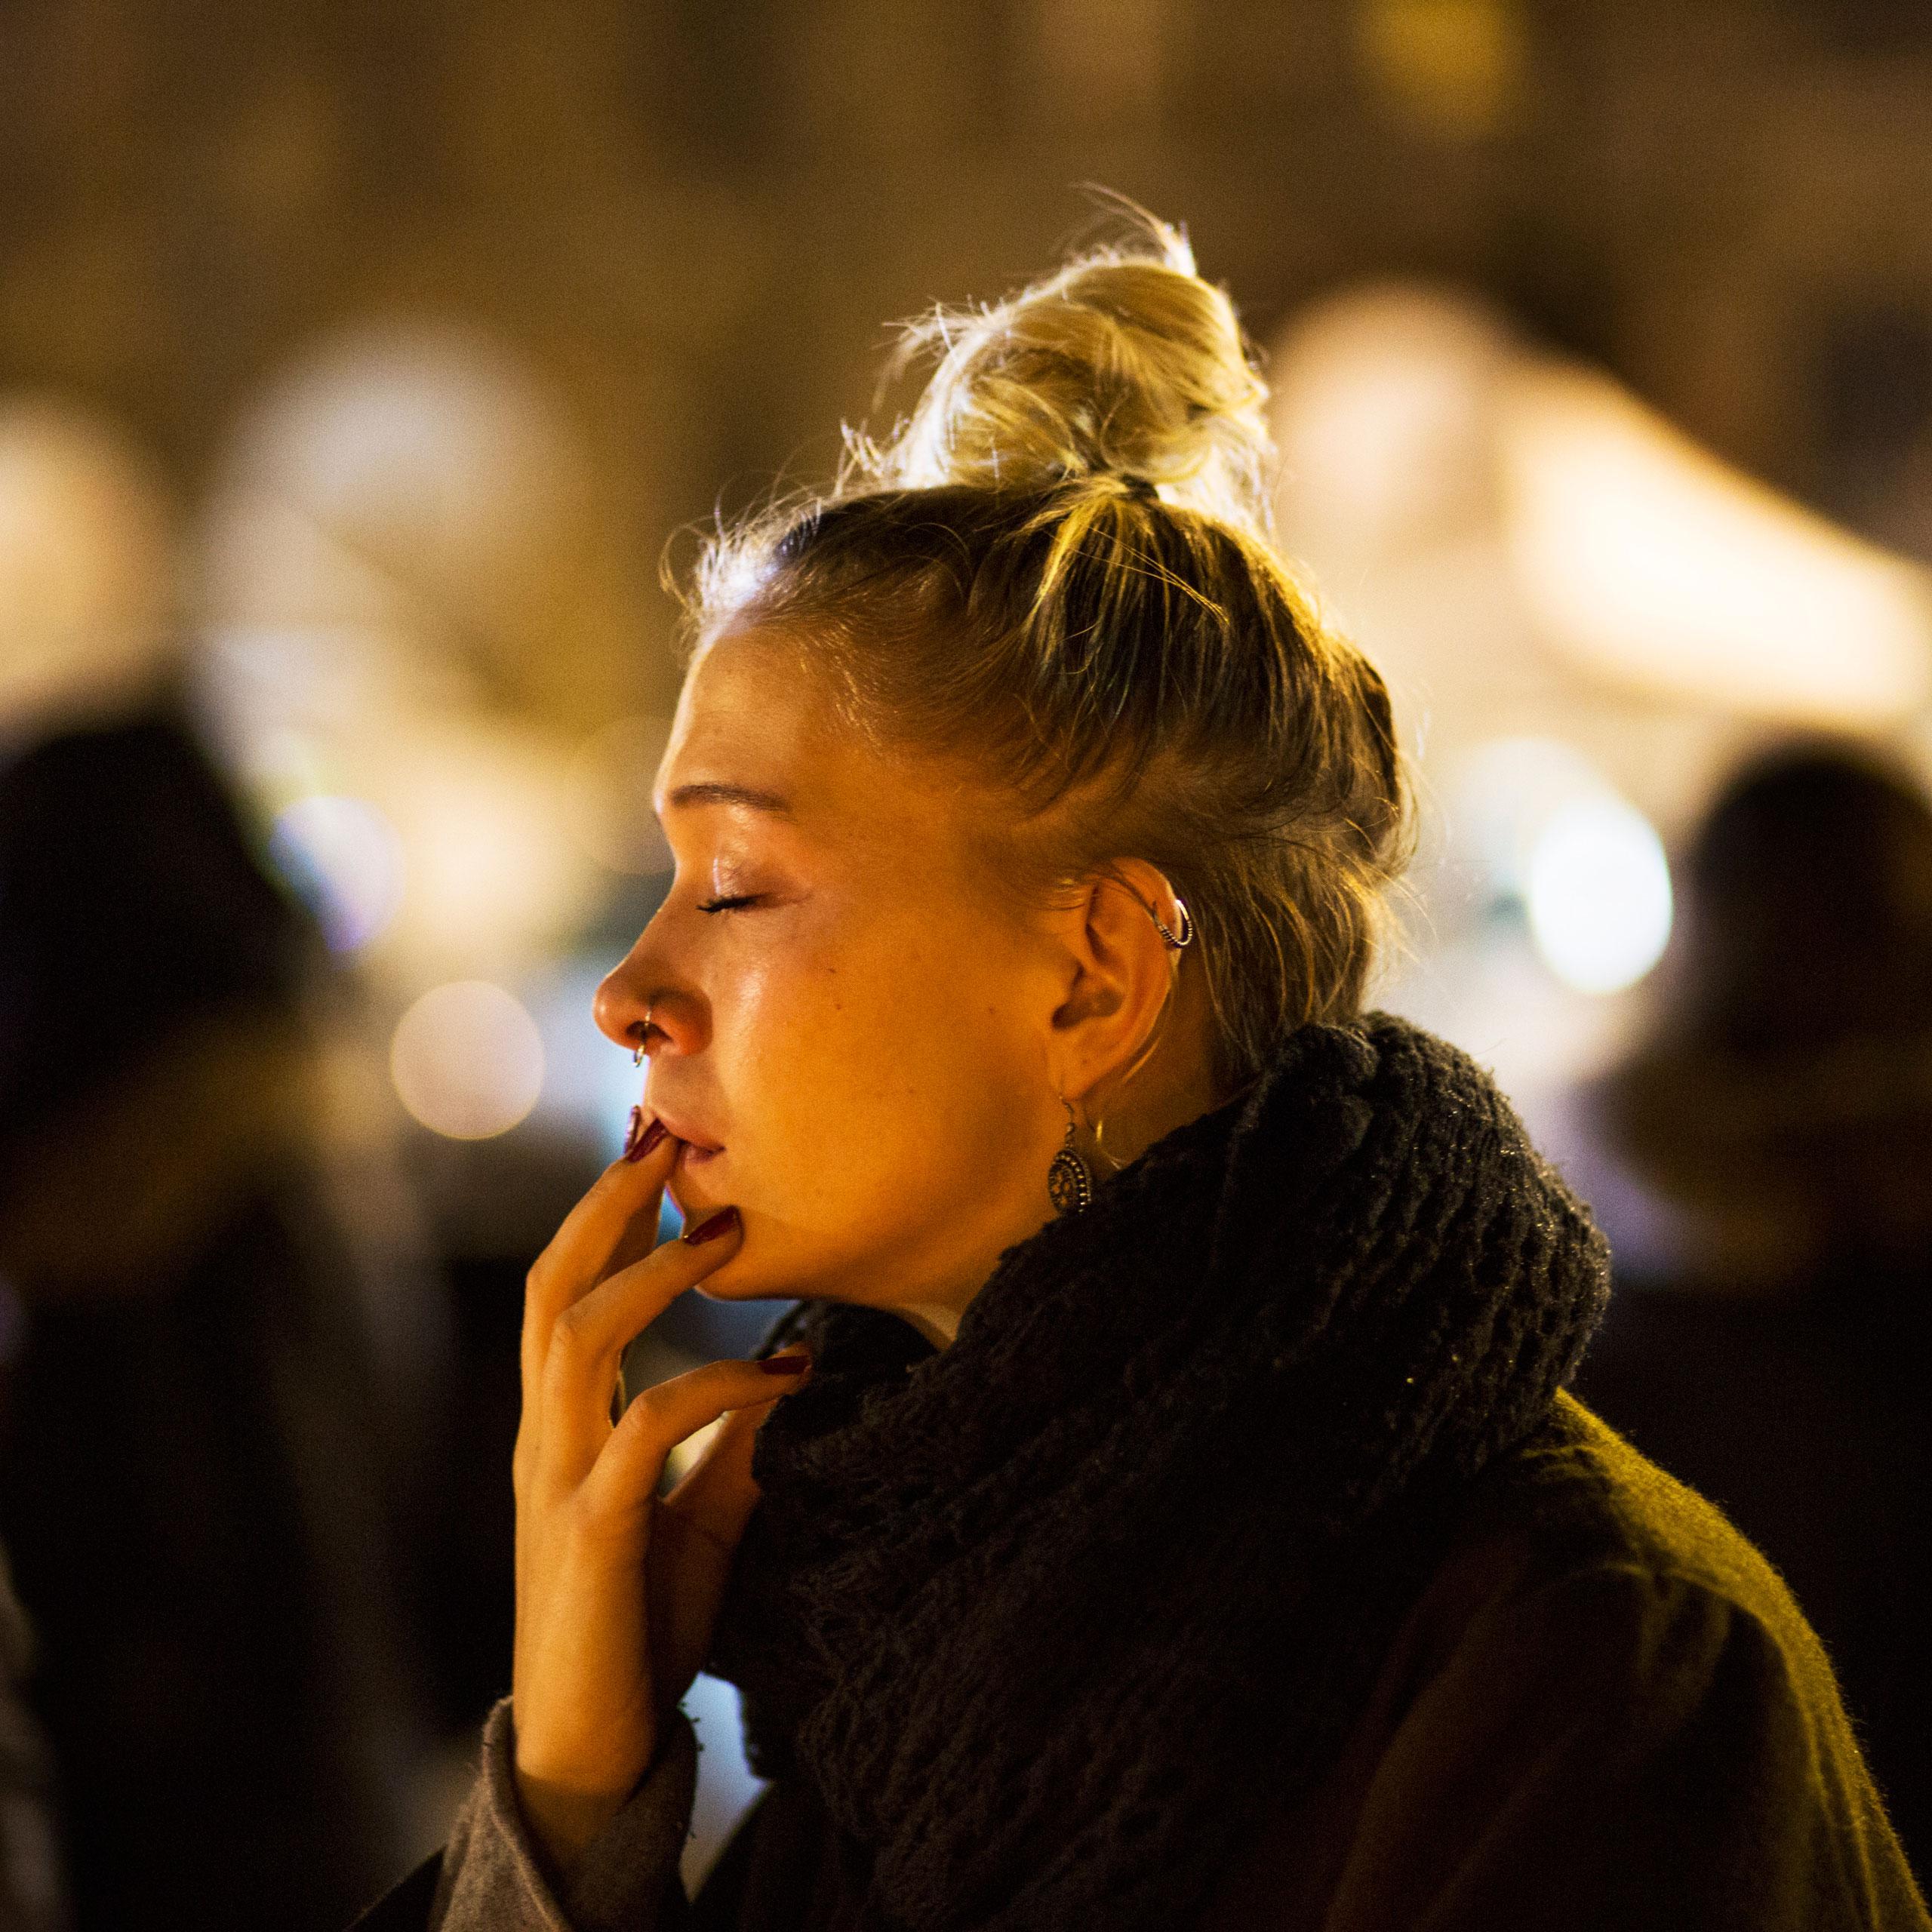 Mourners on Place de la Republique. Paris, Nov. 16, 2015.